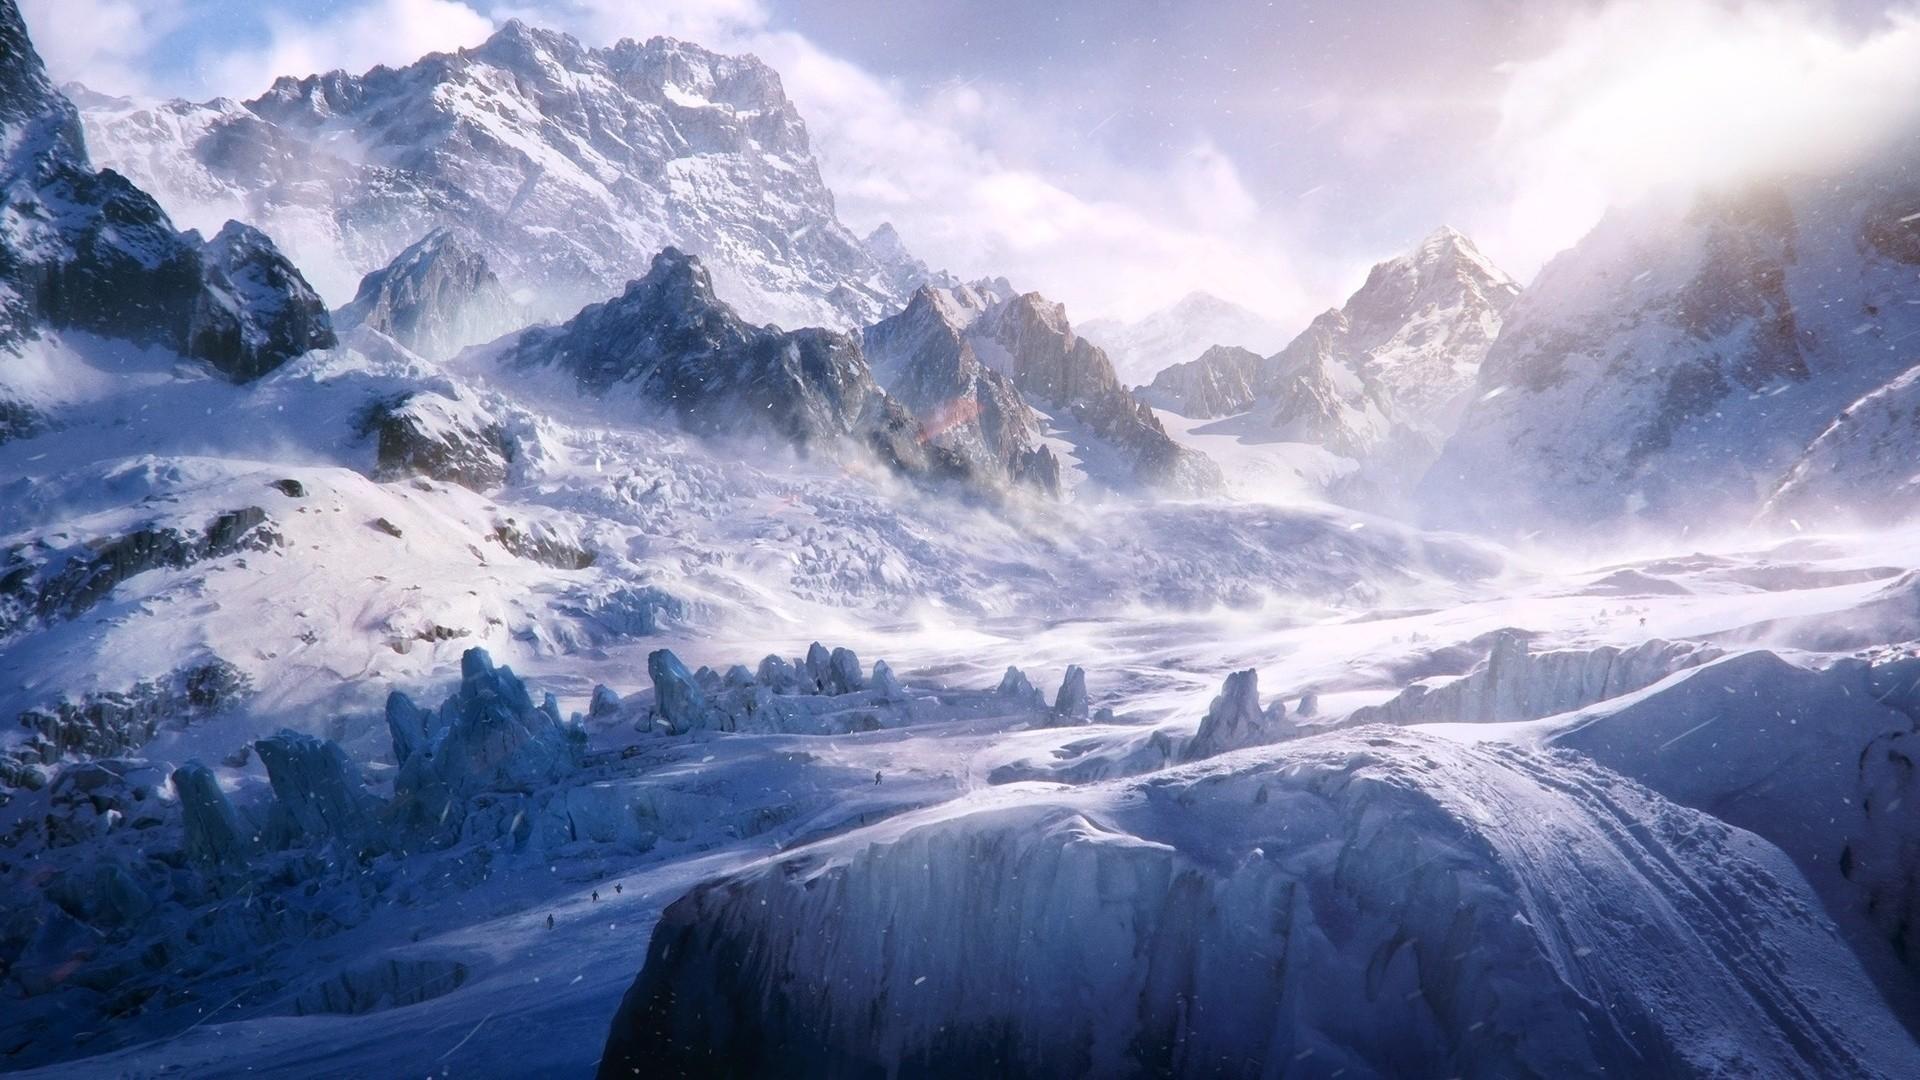 Snow Mountain a wallpaper